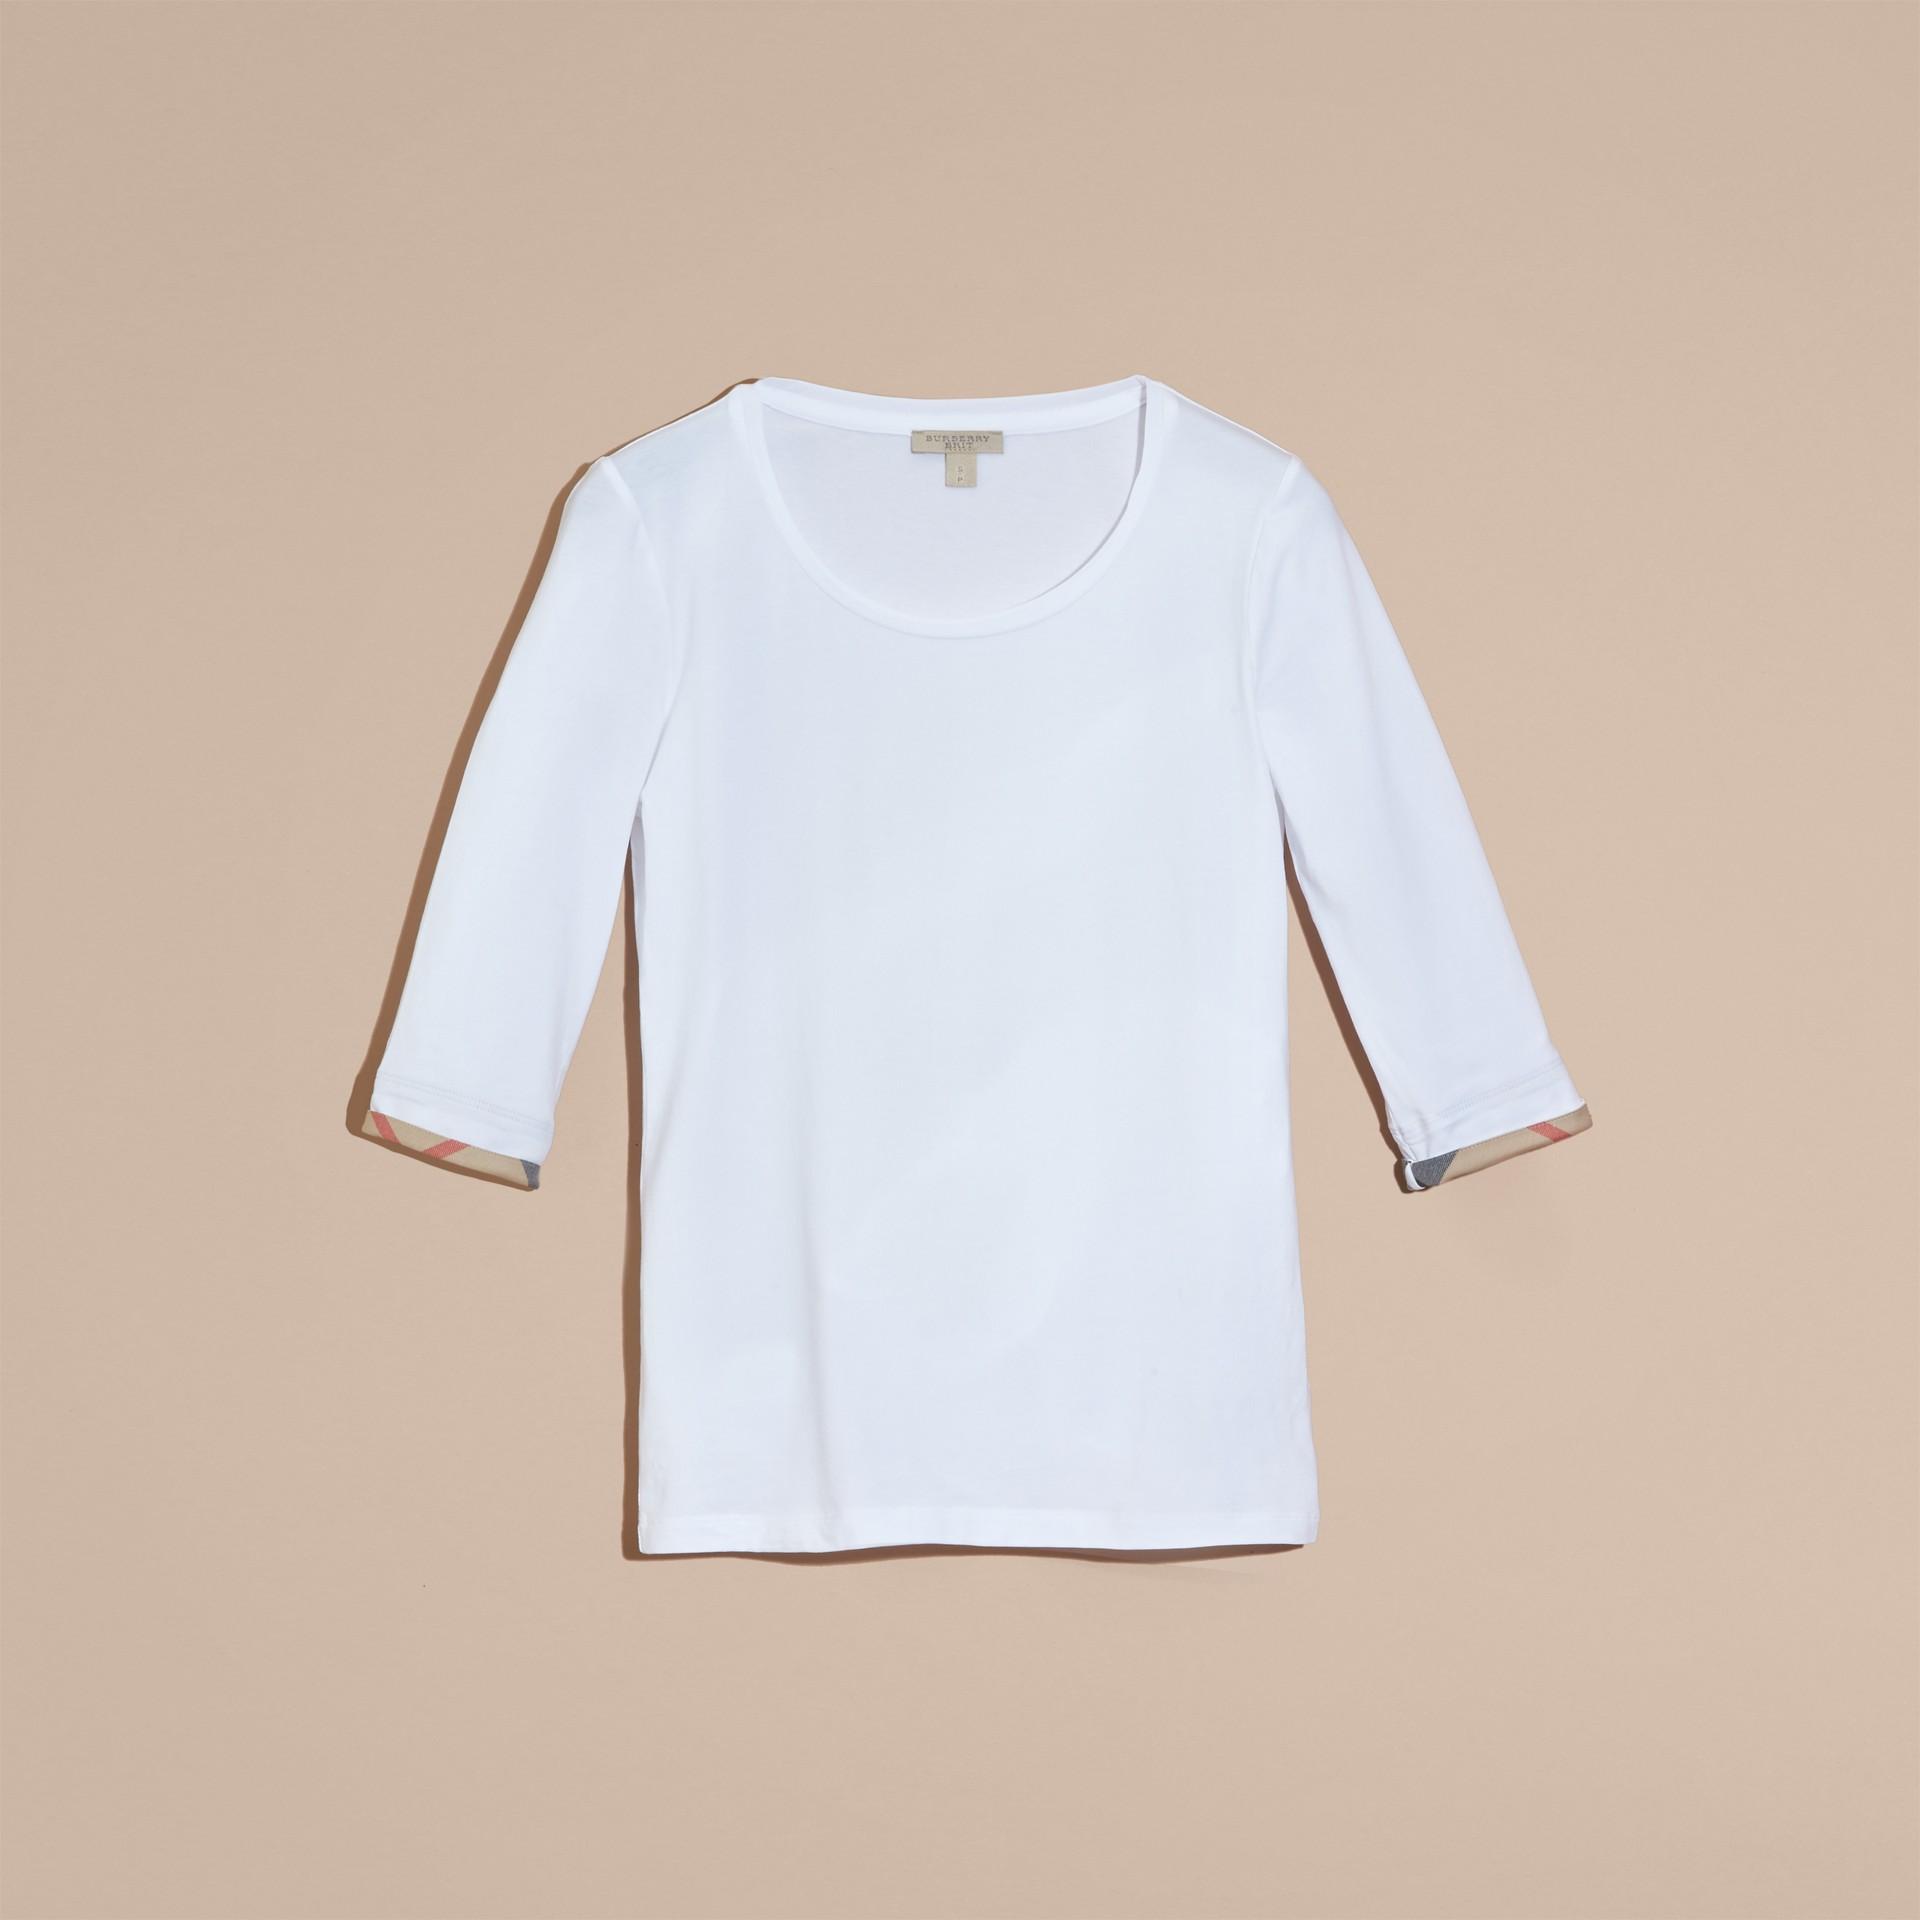 White Check Cuff Stretch-Cotton Top White - gallery image 3